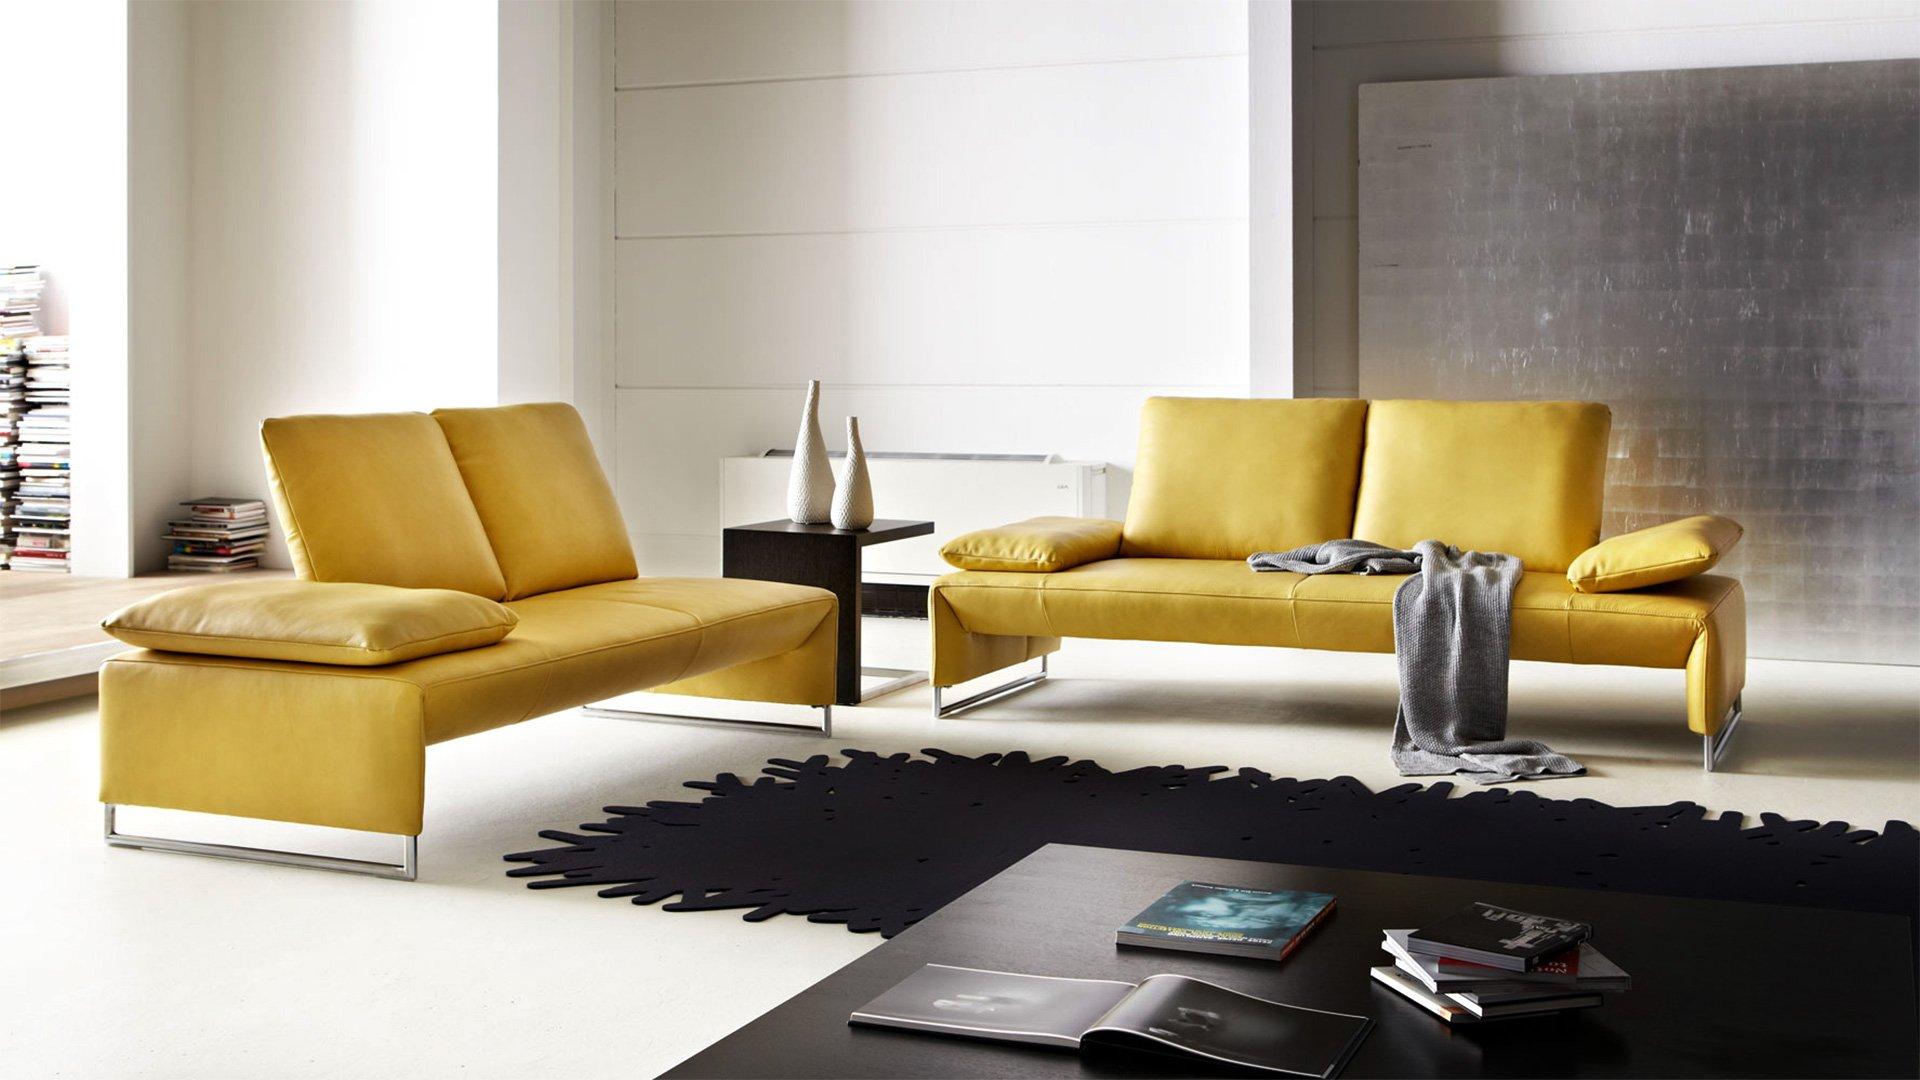 Желтые диваны в интерьере